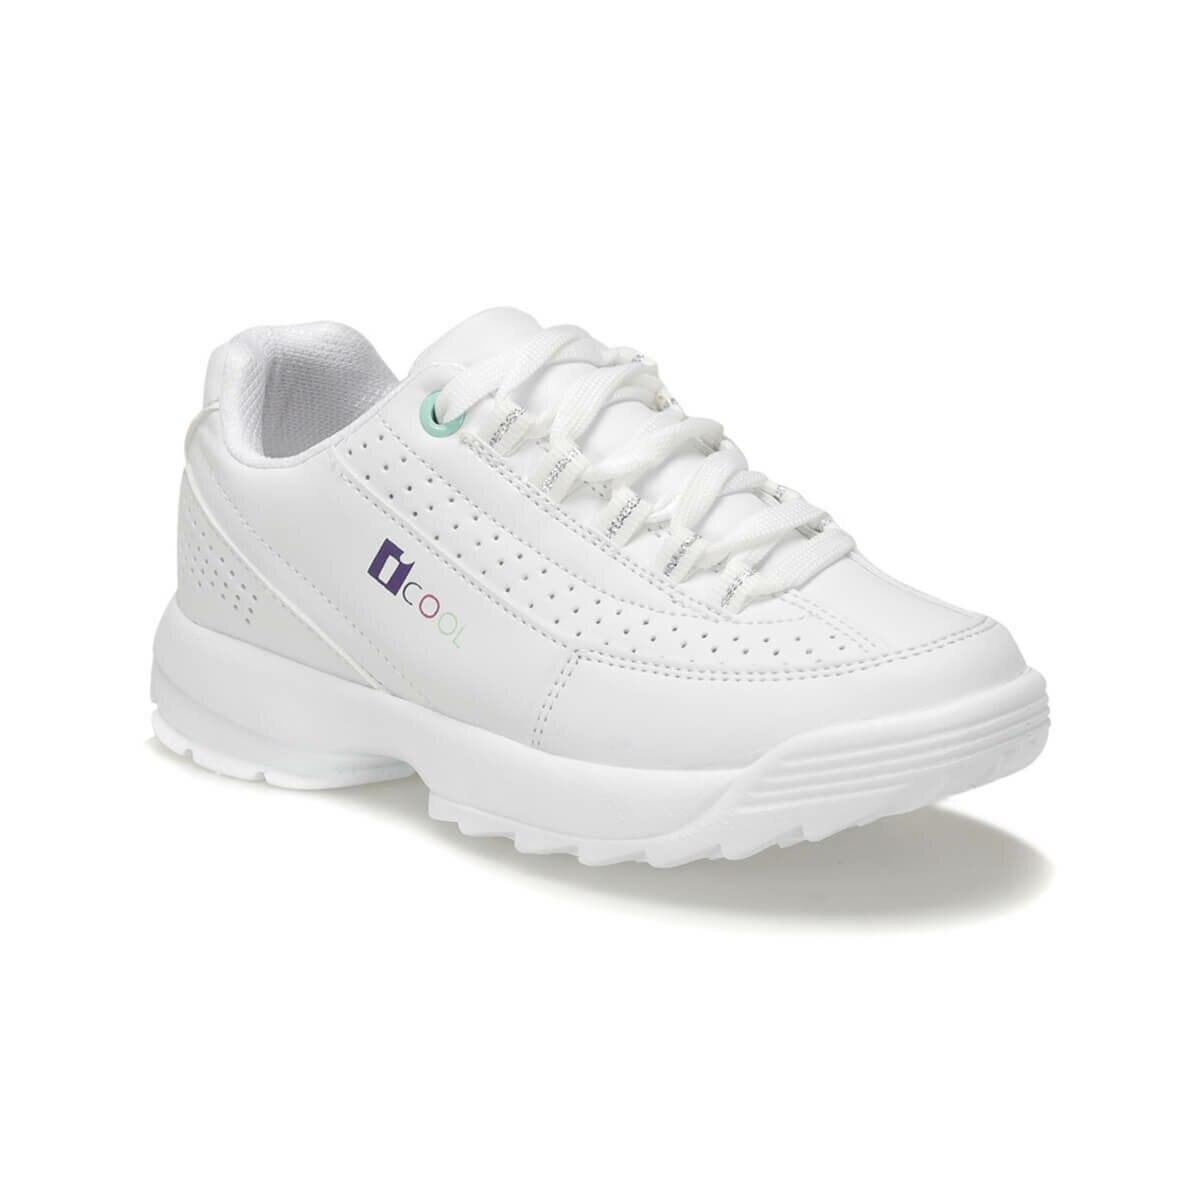 FLO FILAMINT White Female Child Walking Shoes I-Cool